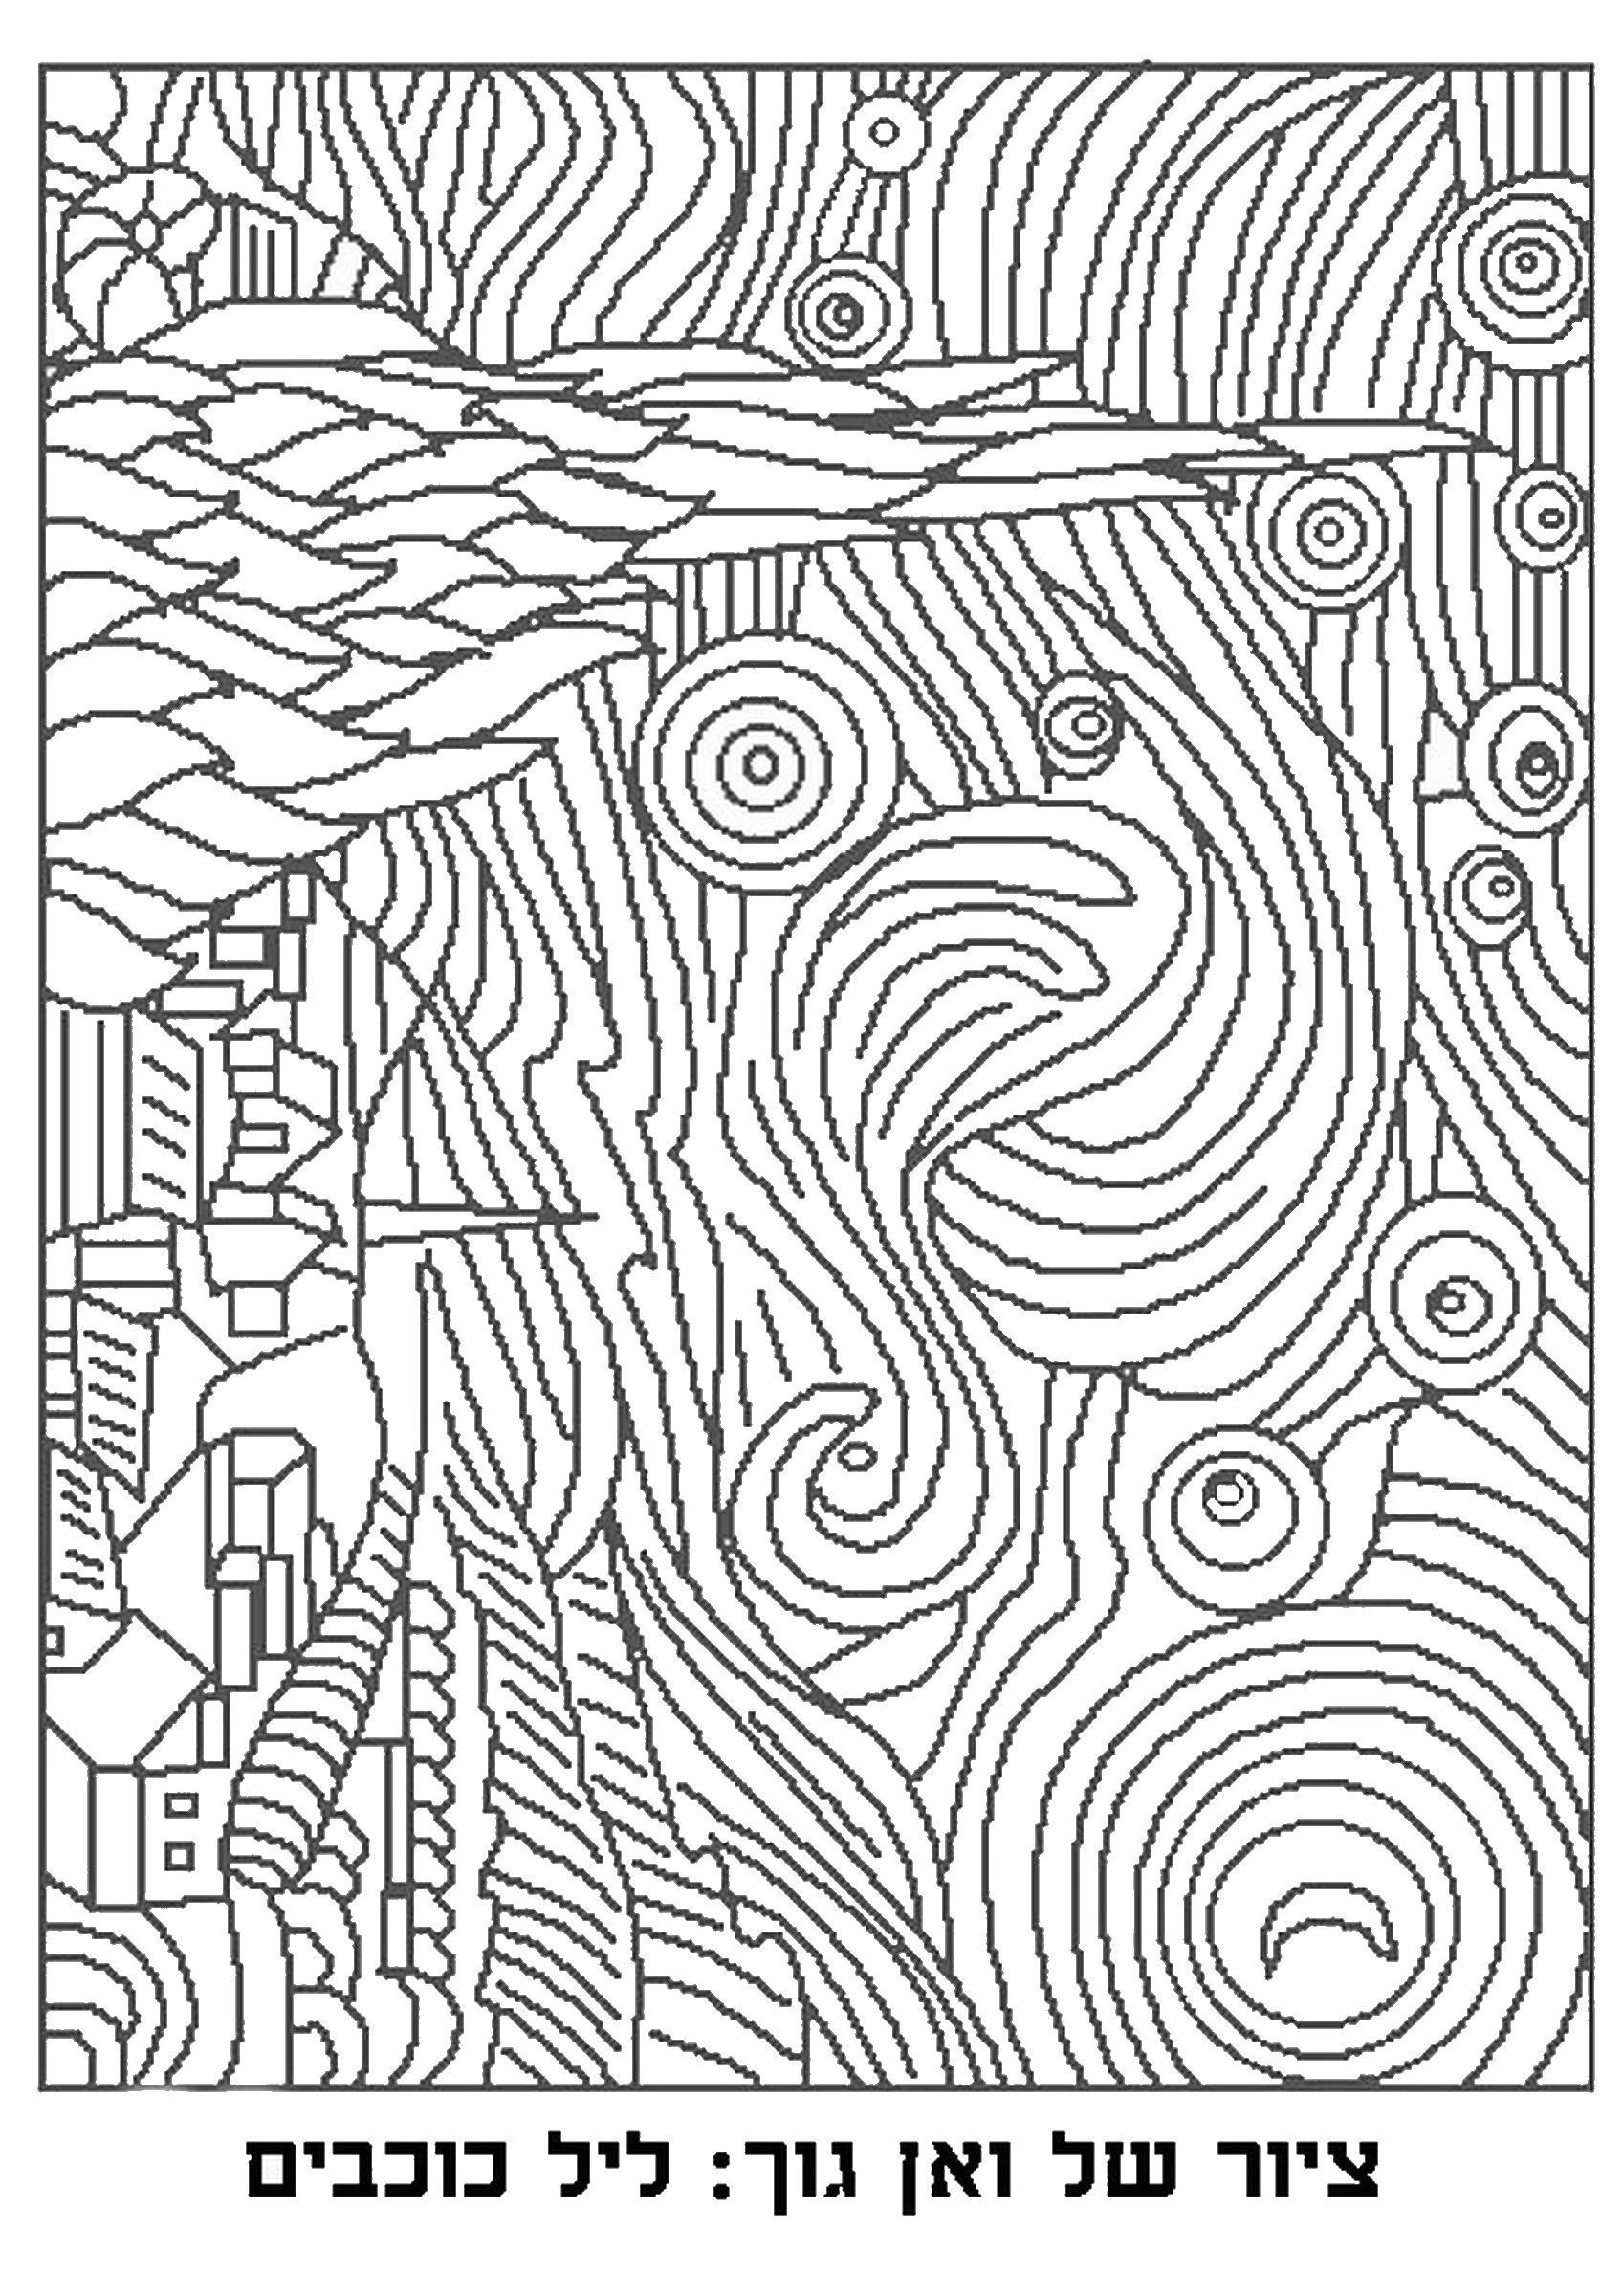 Hundertwasser Ausmalbilder Zum Ausdrucken   Best Trend Design